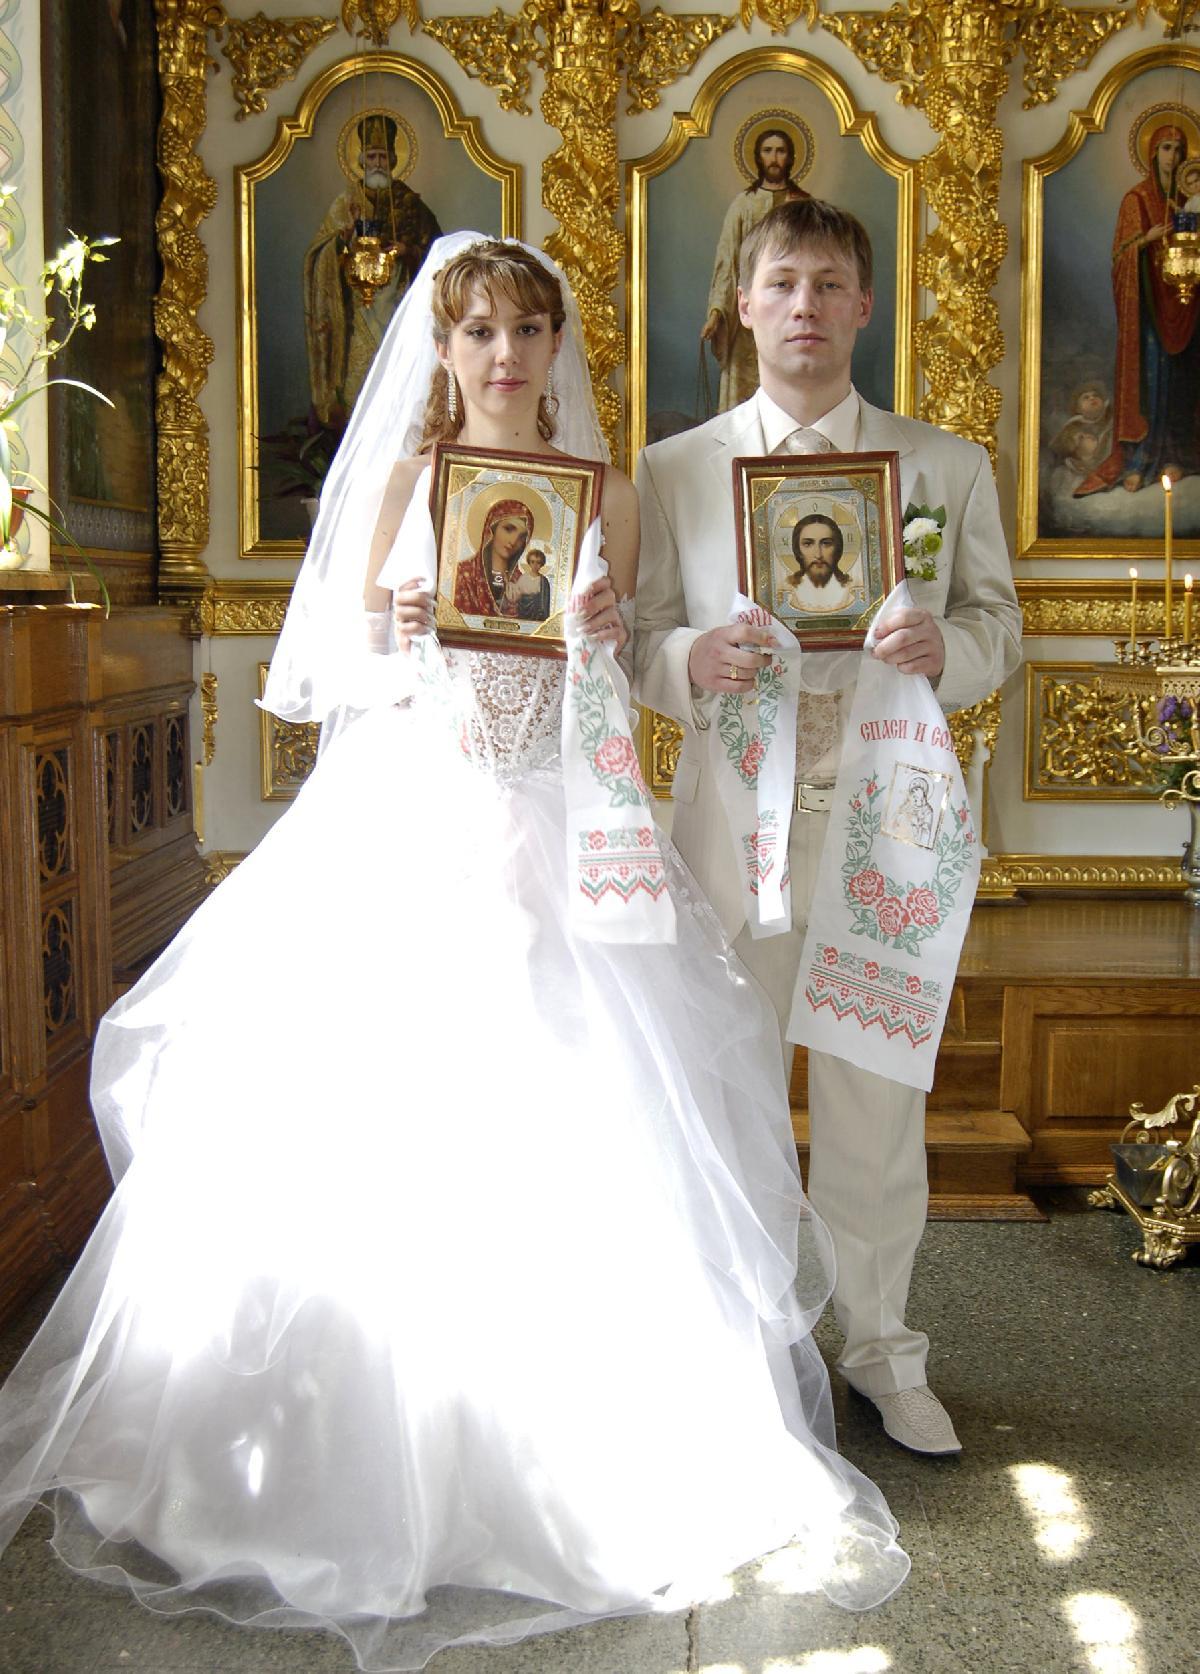 Молодая пара должна быть крещеной и во время венчания следовать просьбам священников по наличию необходимых атрибутов (икон, свечек и др.)